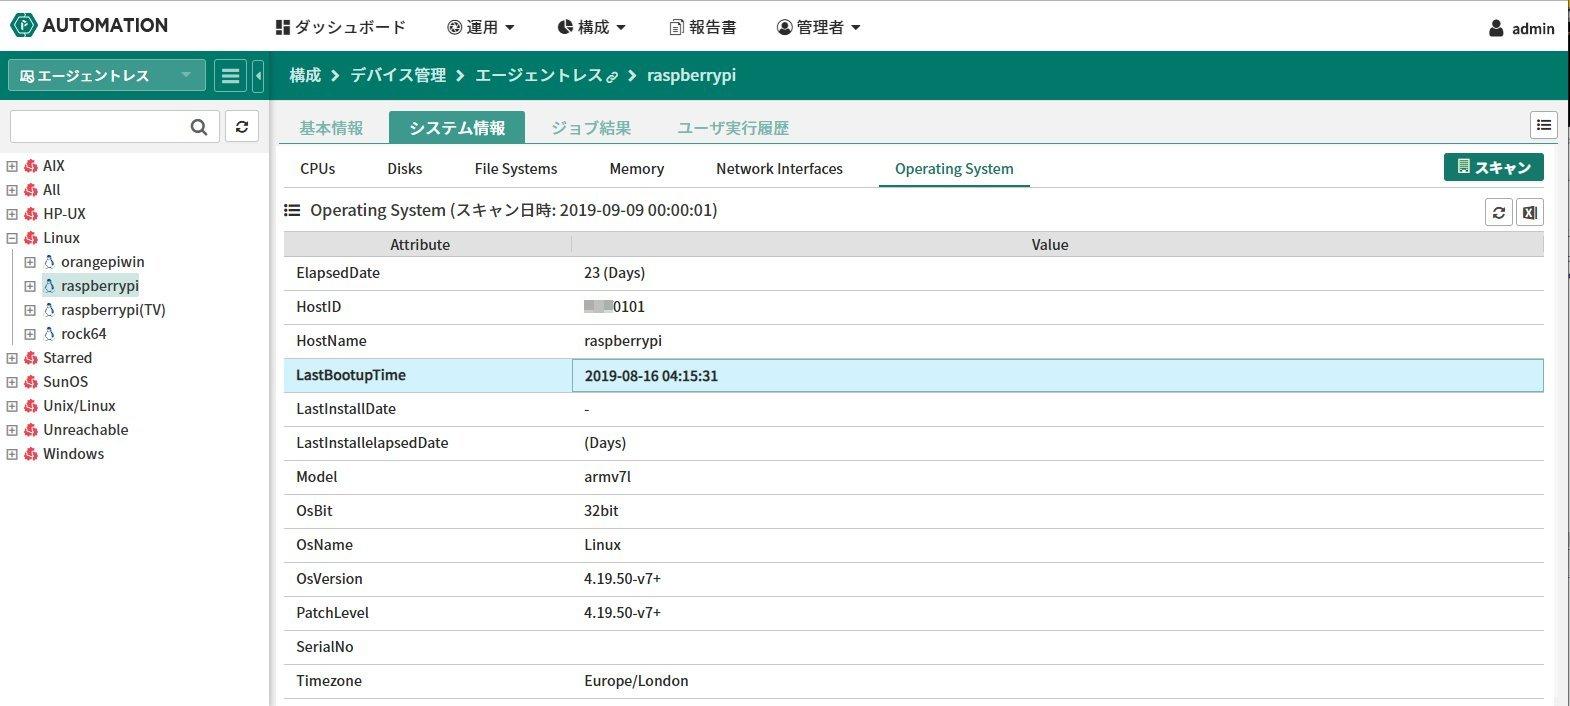 V3エージェントレスで取得したラズパイのシステム情報